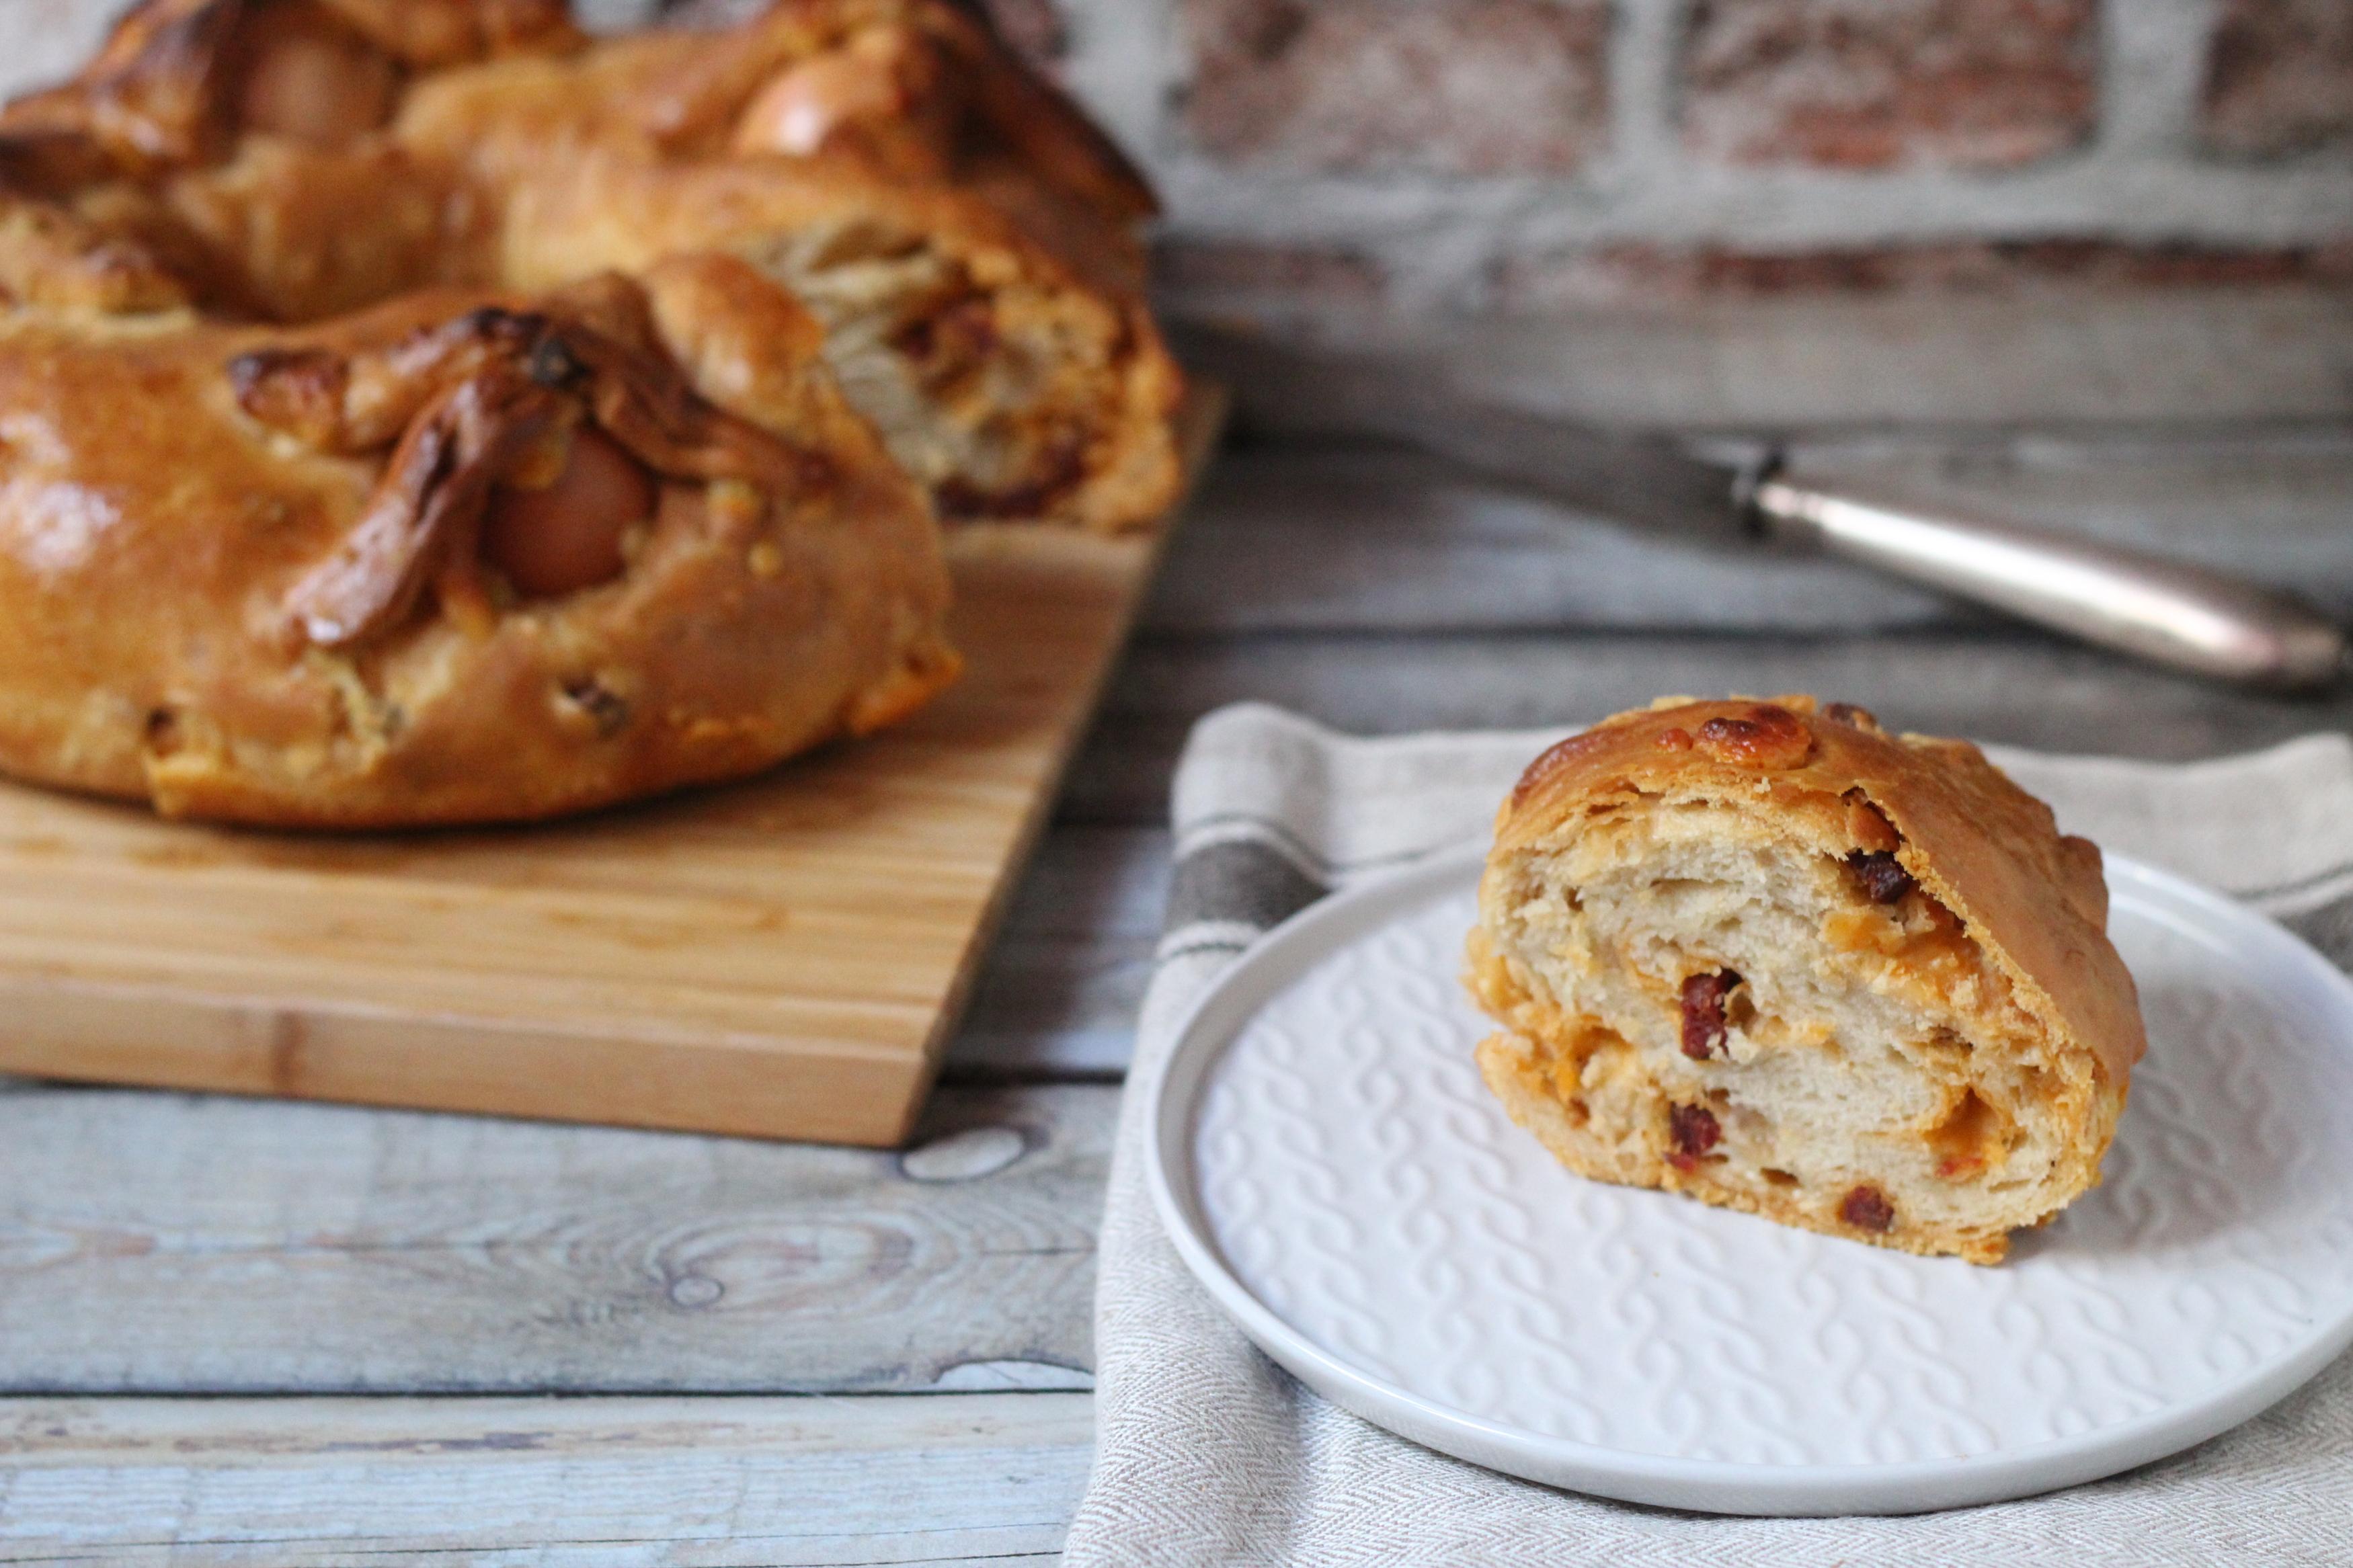 Casatiello Napoletana - Nápolyi kenyér szalámival és sajttal töltve